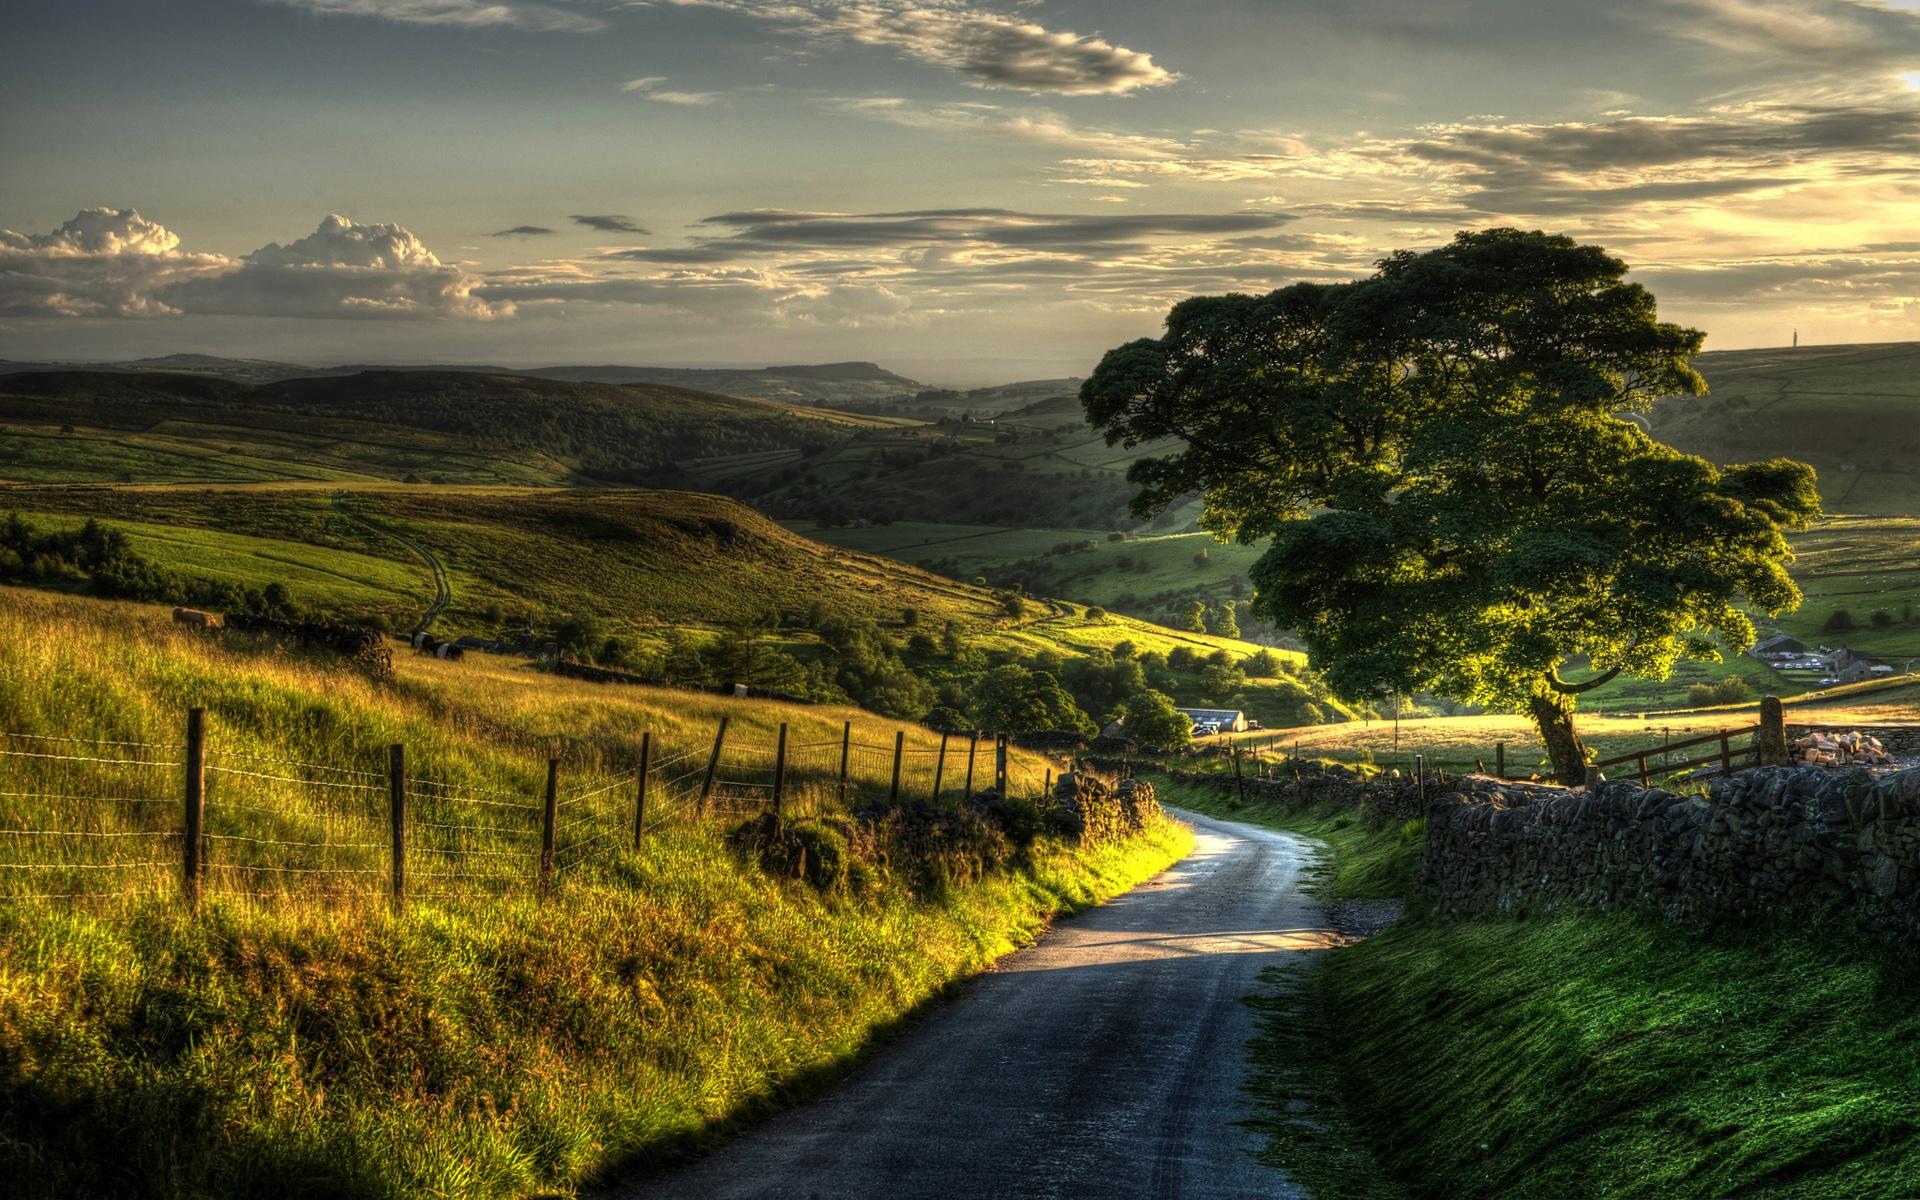 시골 자연 풍경, 울타리, 언덕, 도로, 나무 배경 화면  1920x1200 ...